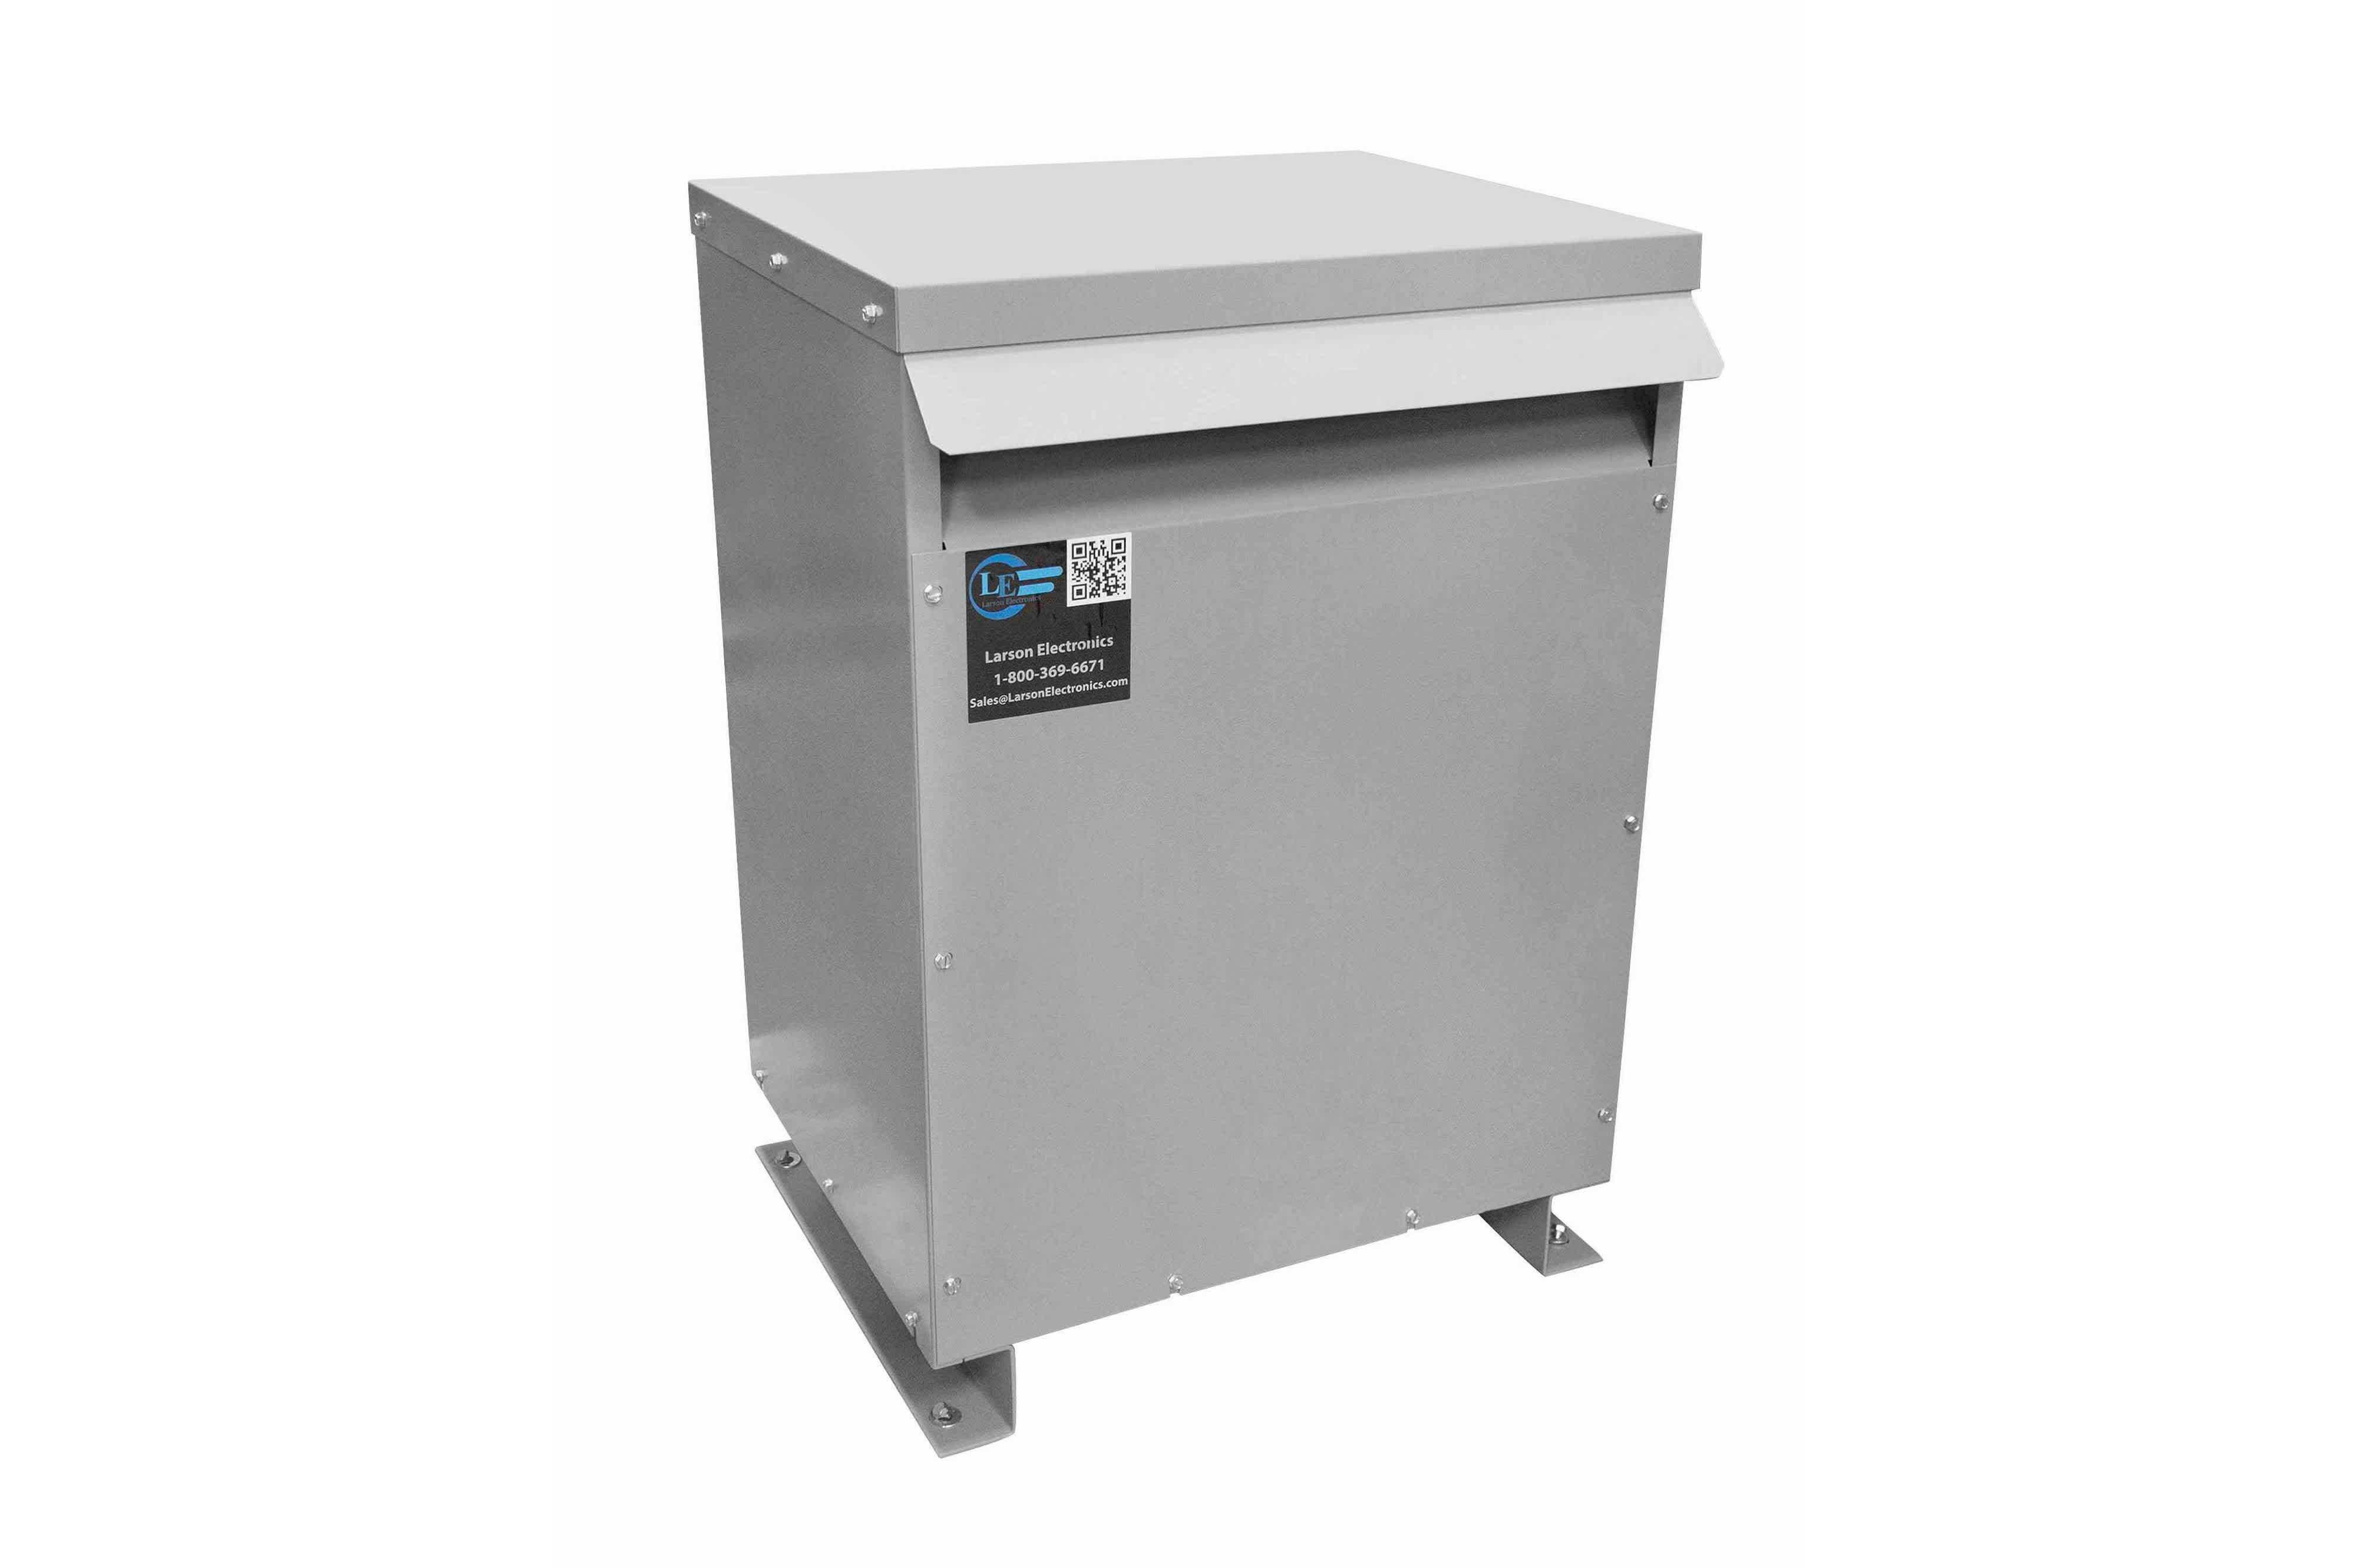 11 kVA 3PH Isolation Transformer, 208V Delta Primary, 480V Delta Secondary, N3R, Ventilated, 60 Hz